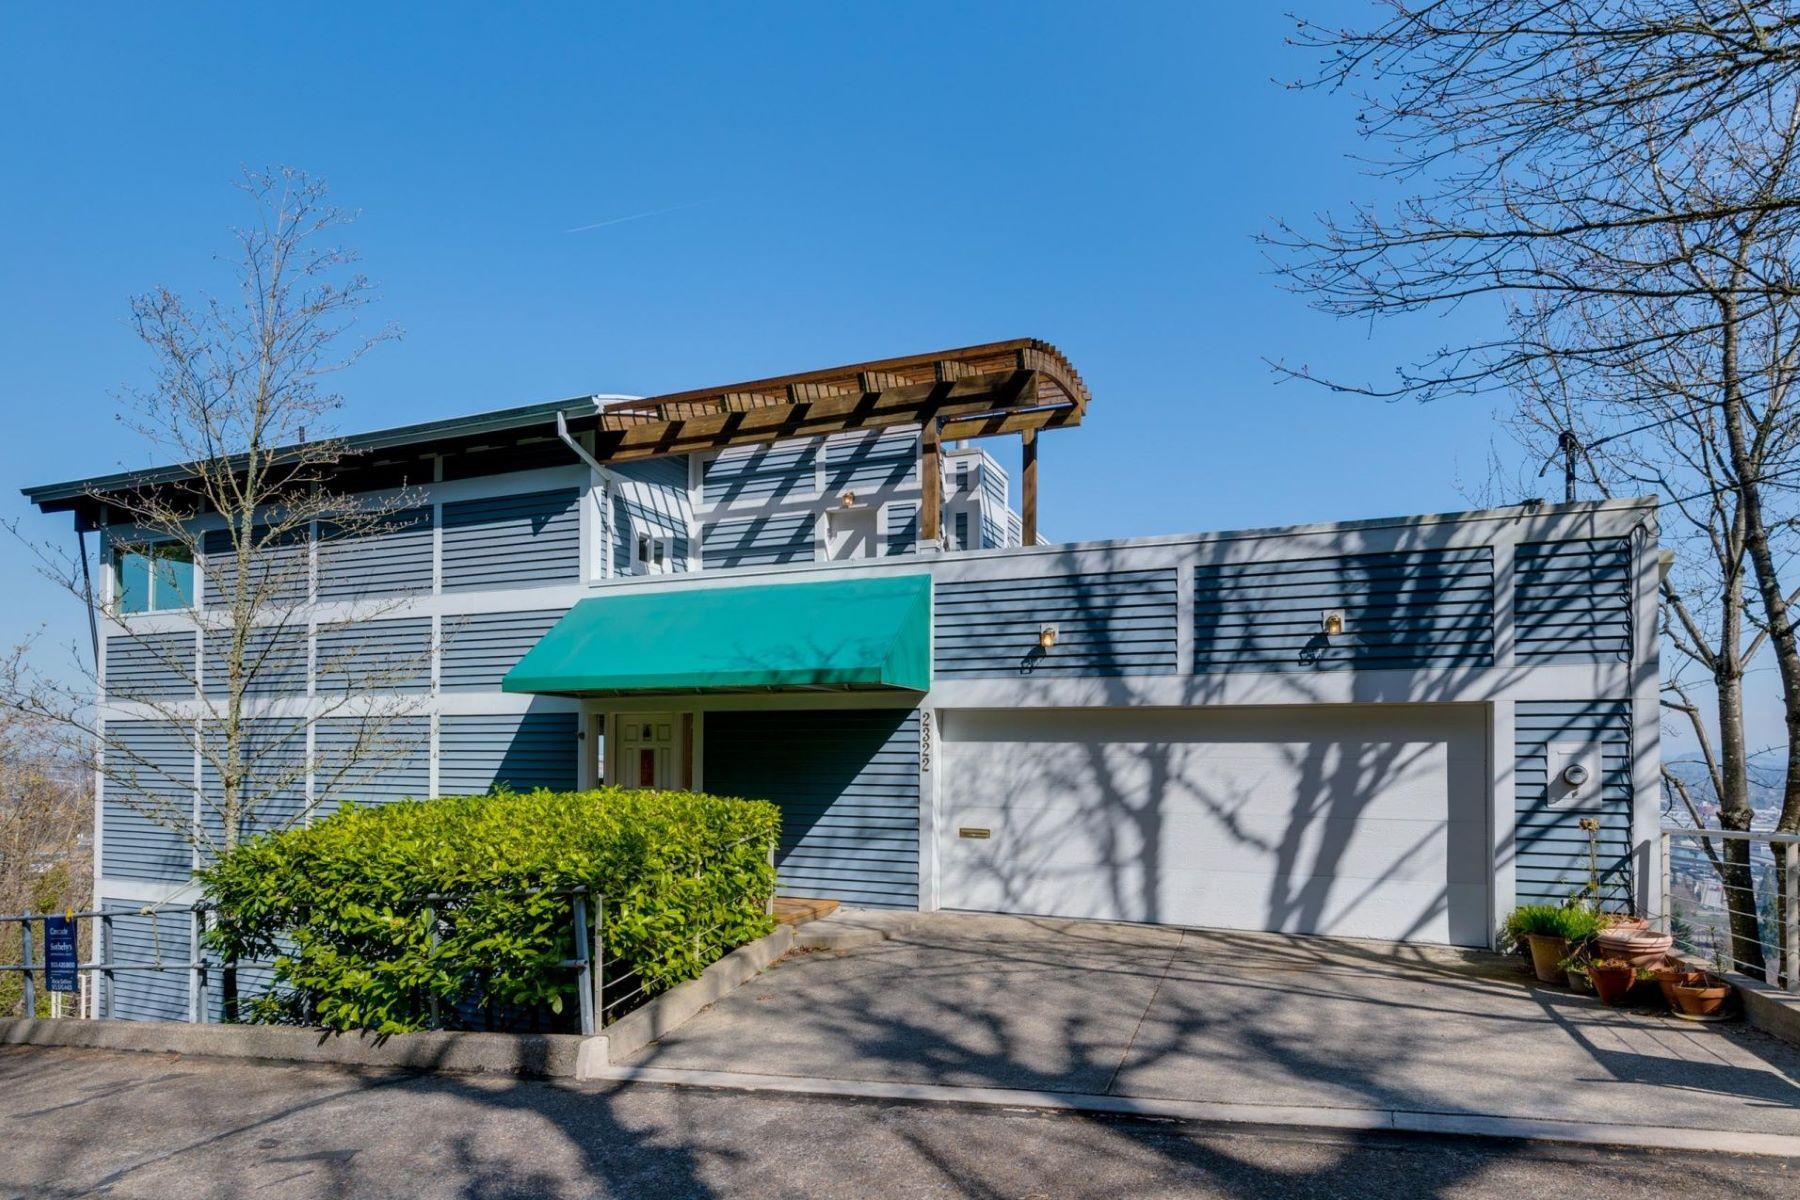 Other Residential Homes για την Πώληση στο 2322 SW SHEFFIELD AVE Portland, OR 97201 Portland, Ορεγκον 97201 Ηνωμένες Πολιτείες